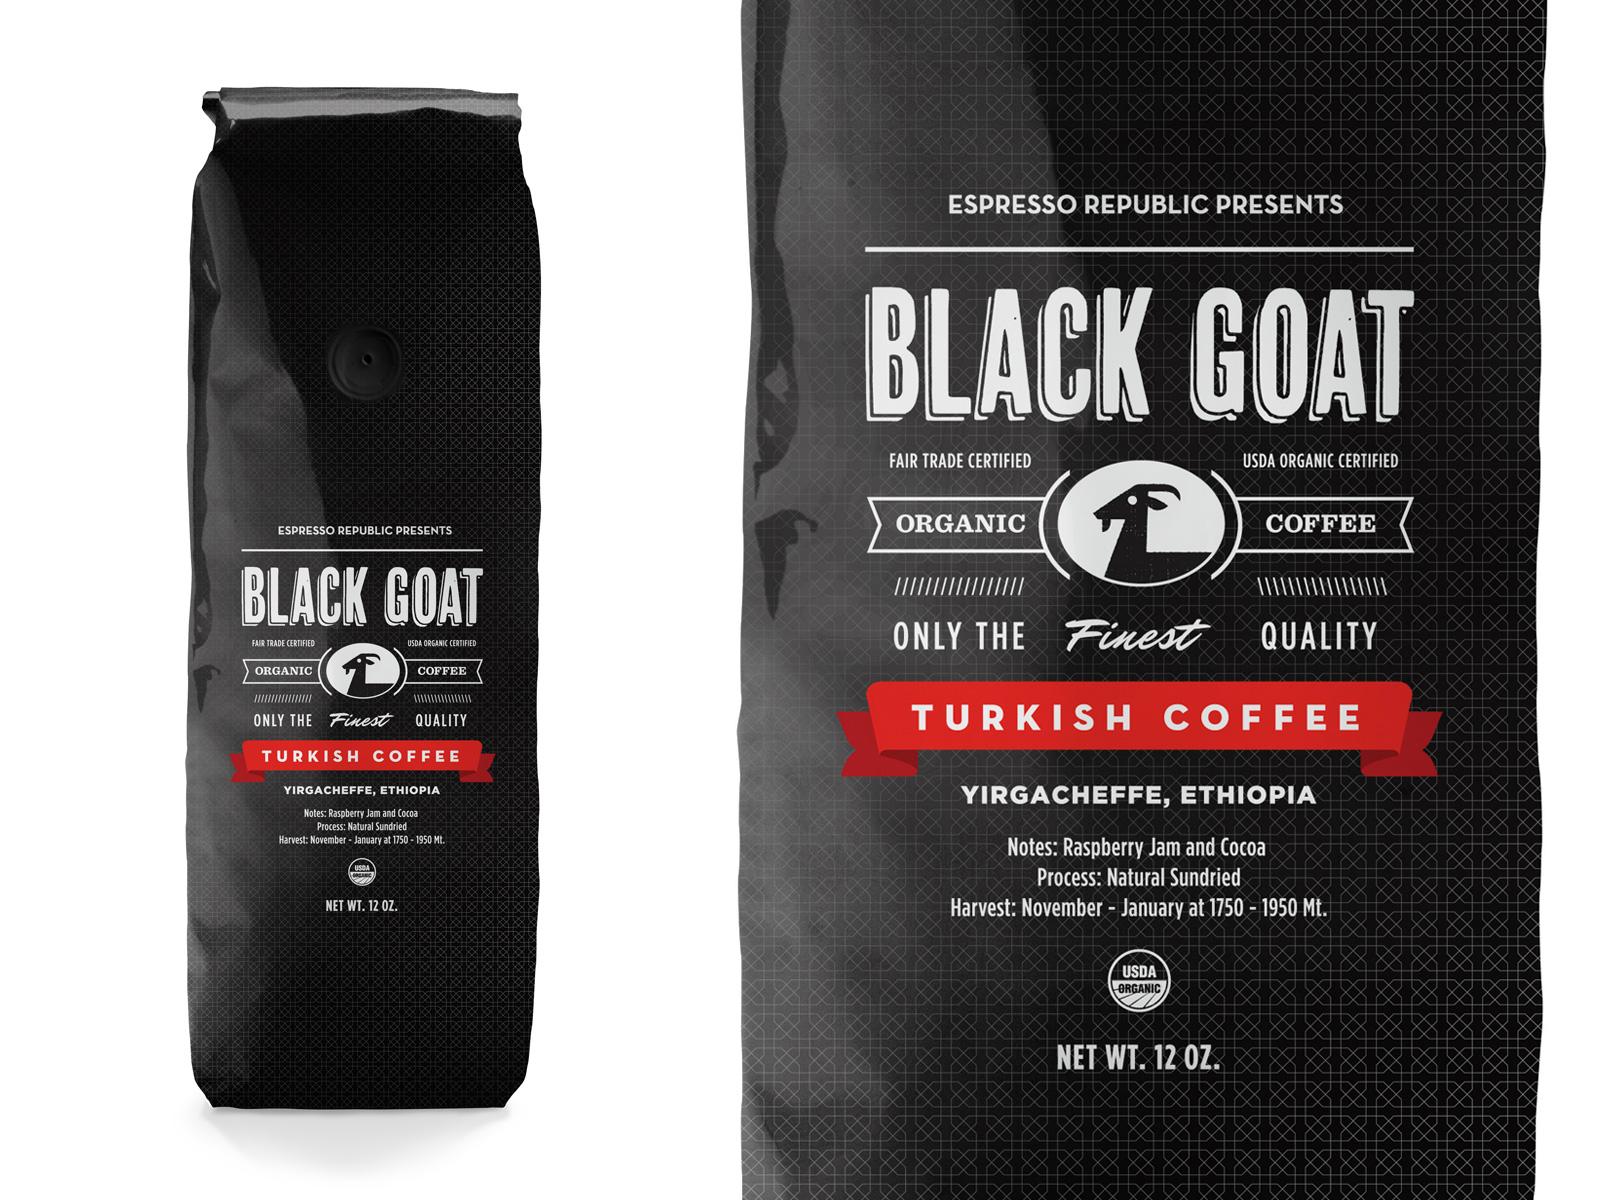 Black goat coffee packaging